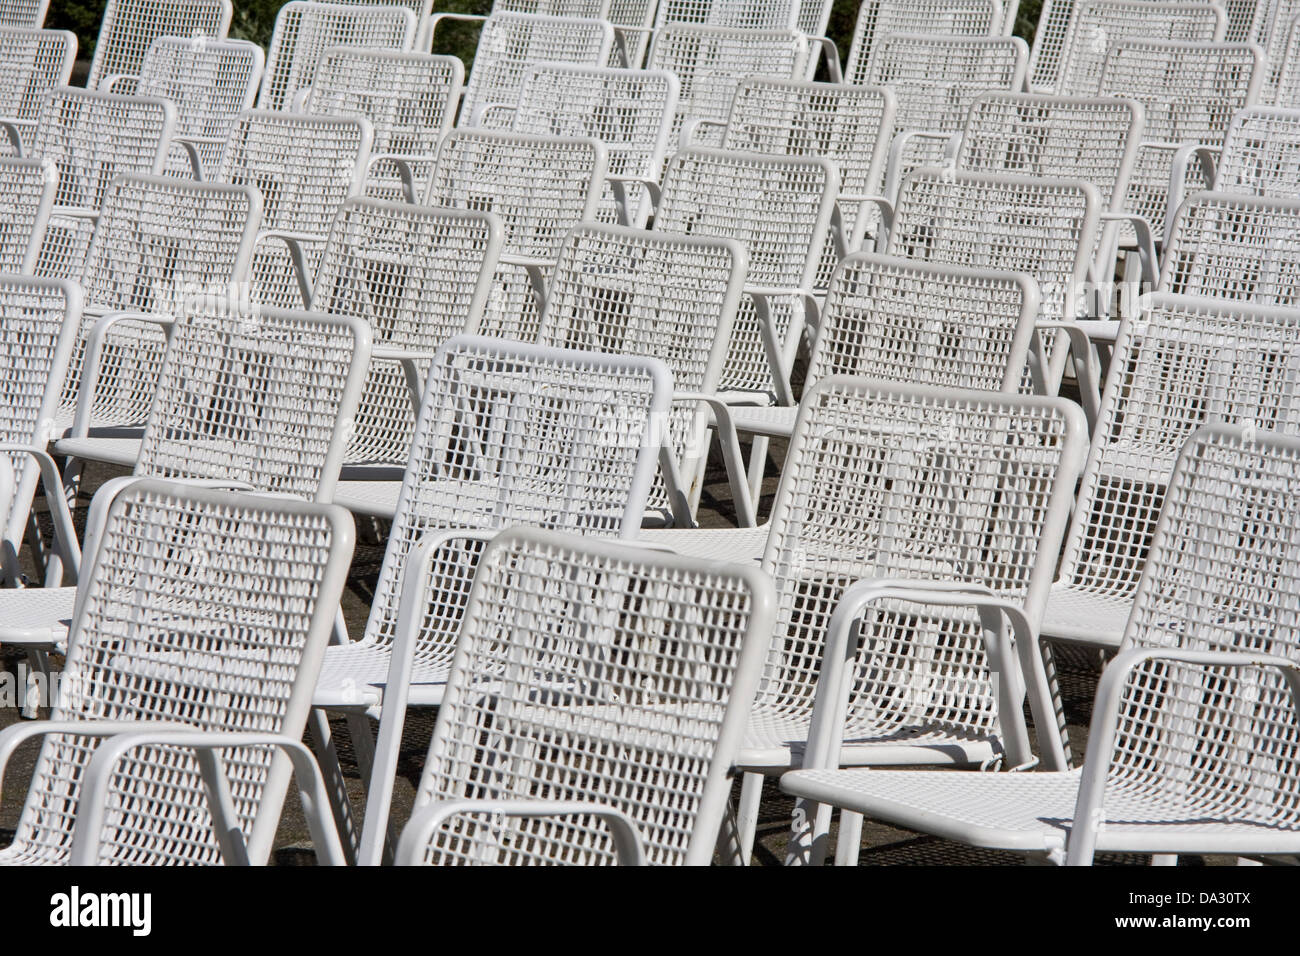 Gartenstühle in Folge Stockbild